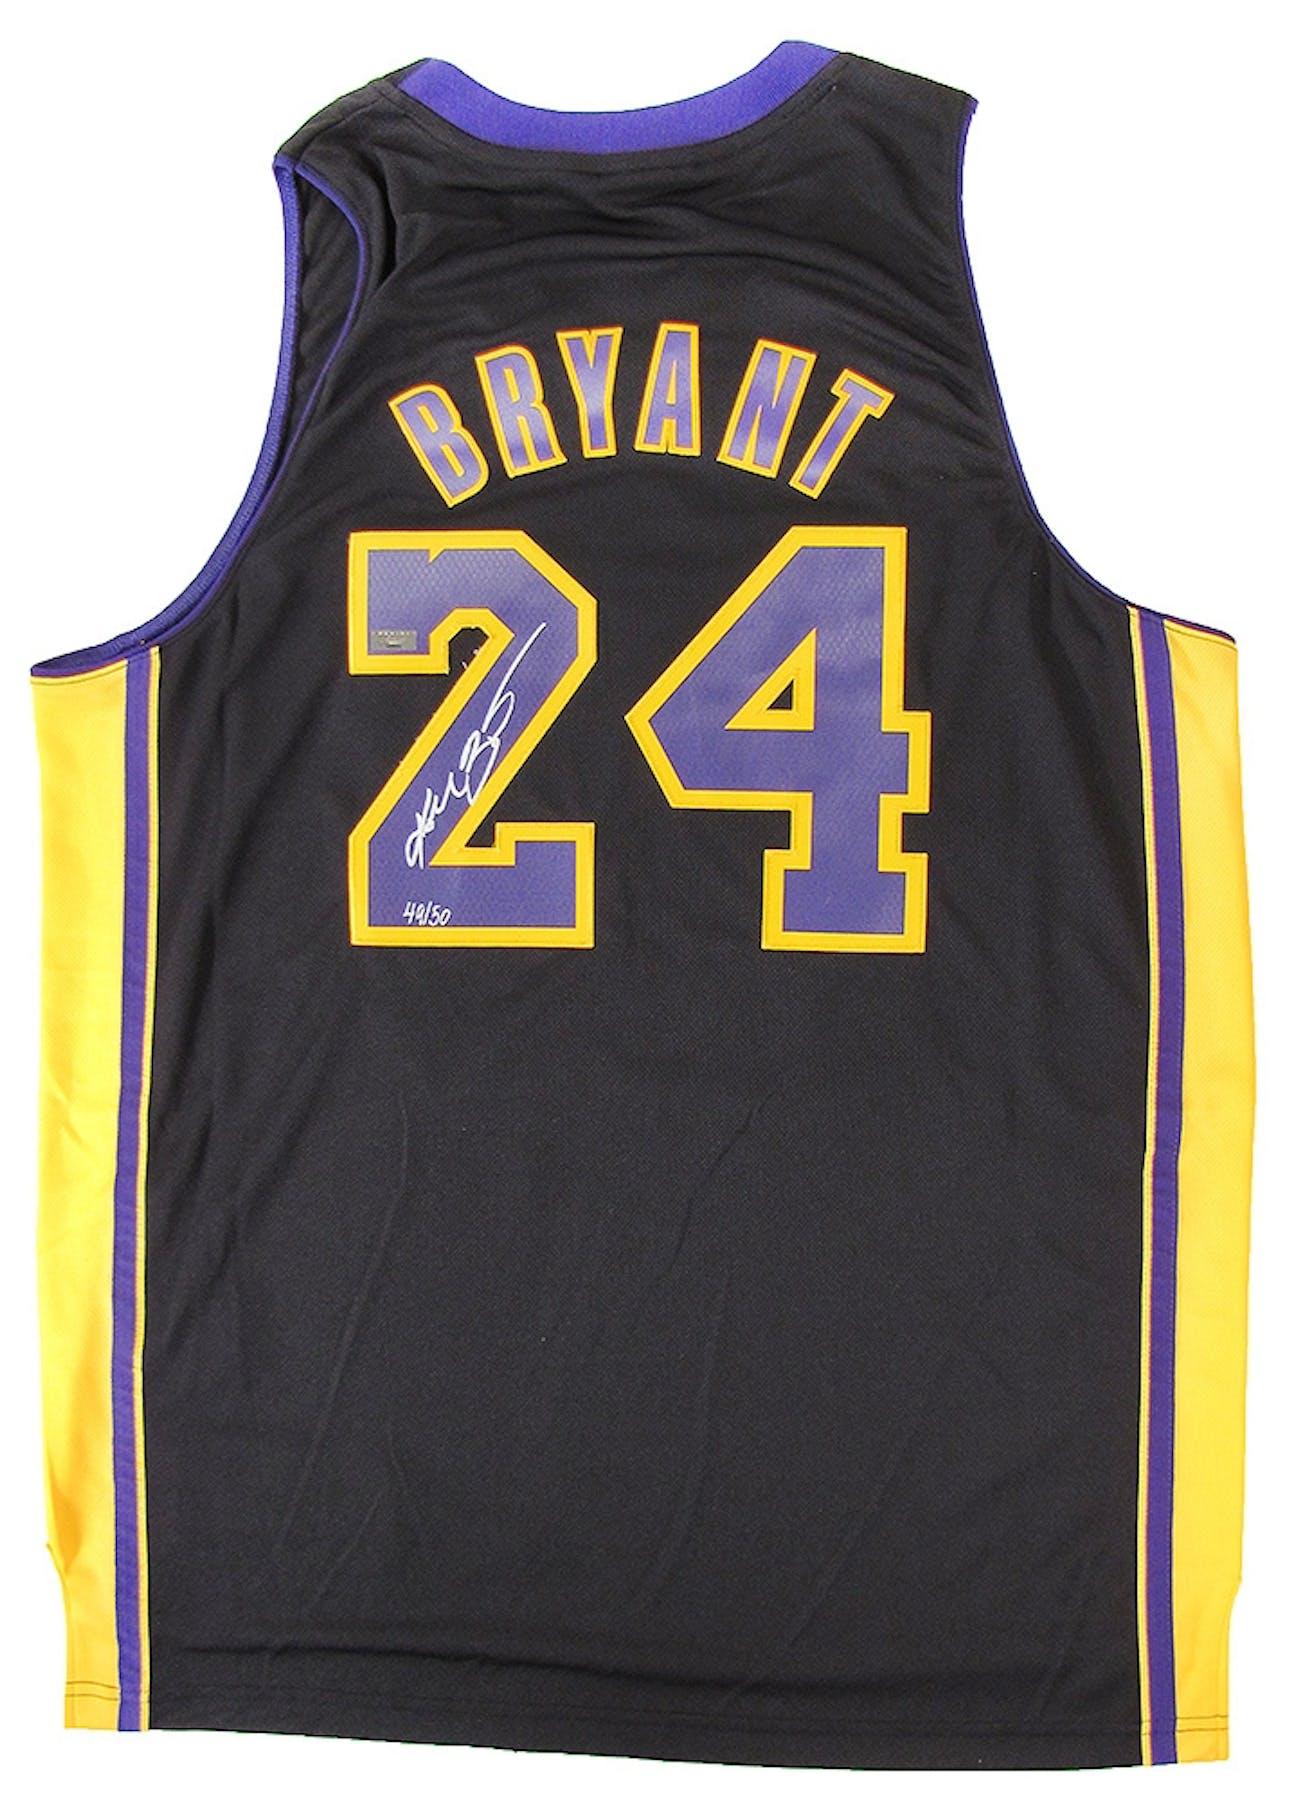 b3575a30879e Kobe Bryant Autographed